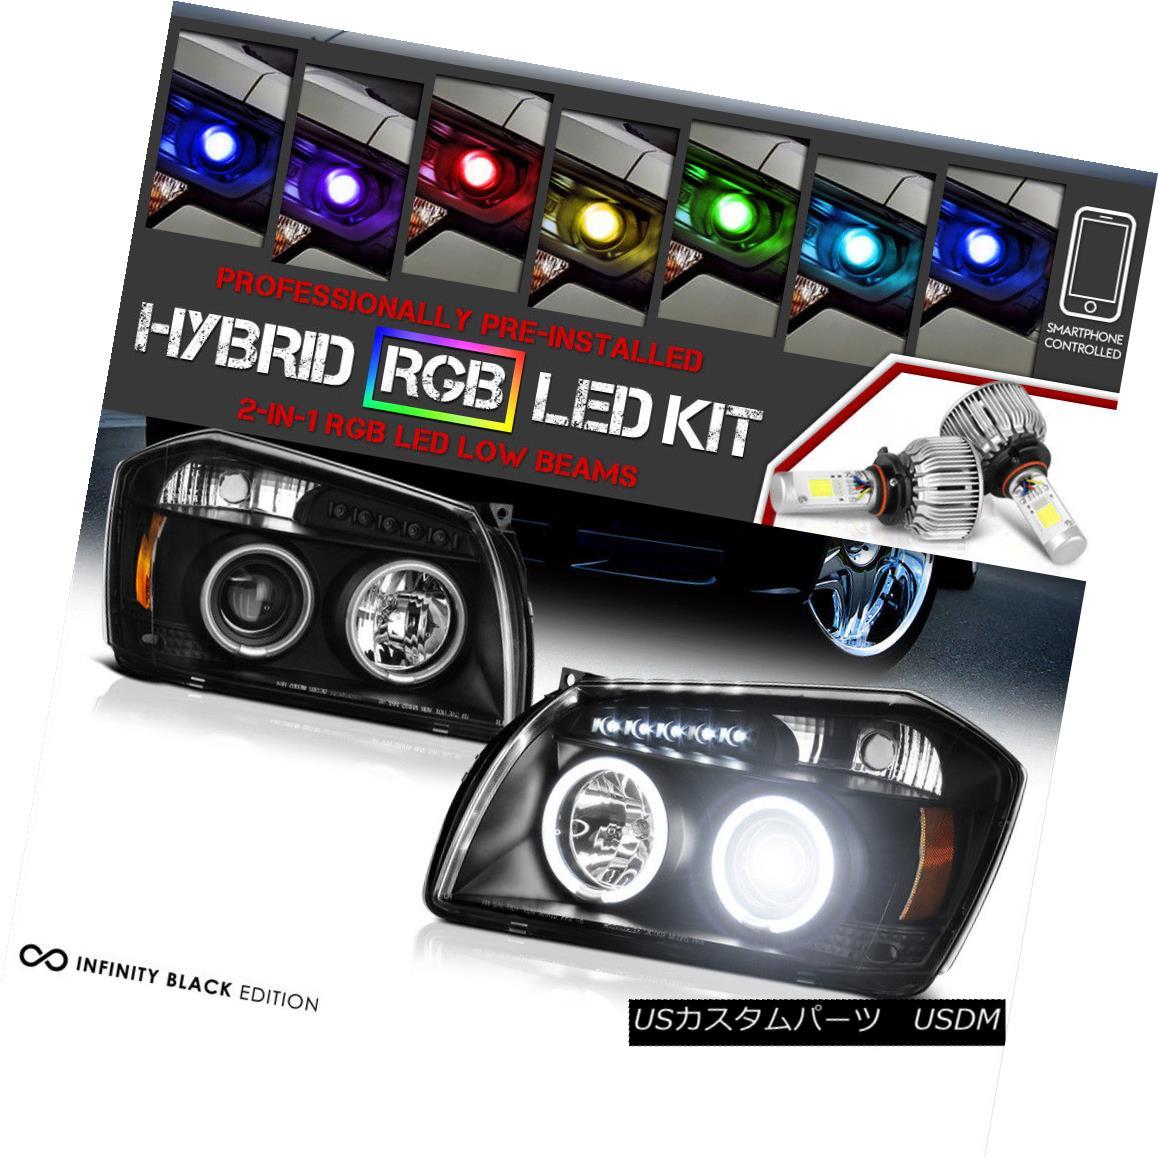 ヘッドライト [Adjustable Color LED Low Beam] 05-07 Dodge MAGNUM CCFL Angel Eye Headlights L+R [調節可能なカラーLEDロービーム] 05-07 MAGNUM CCFLエンジェルアイヘッドライトL + R